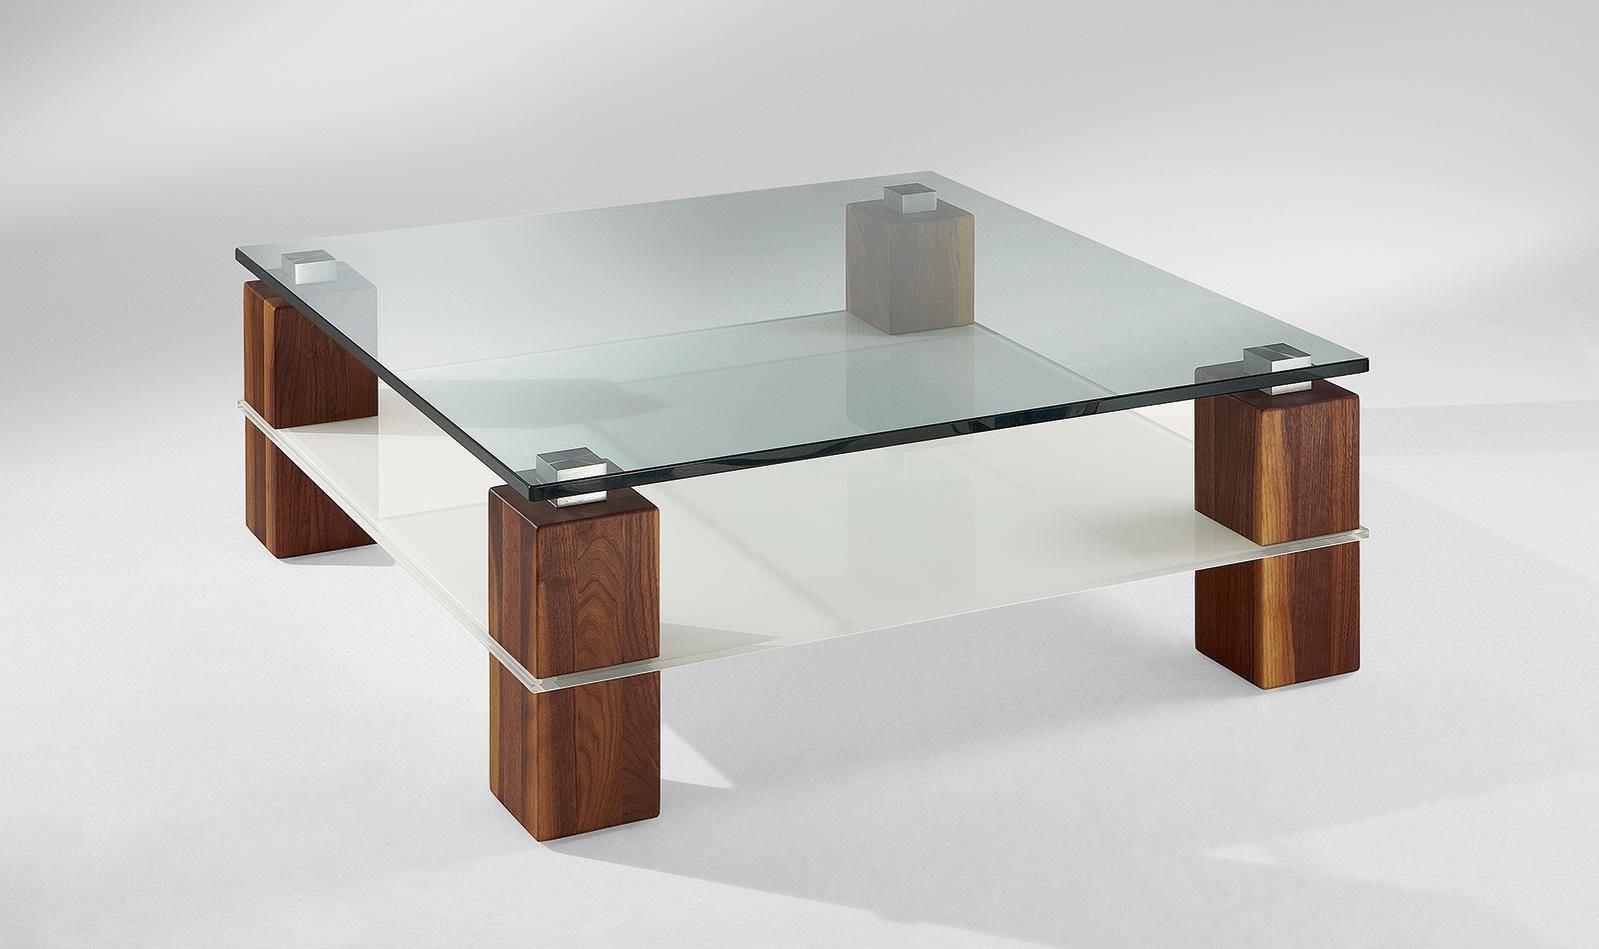 Moderner Couchtisch Glas Massivholz Quadratisch